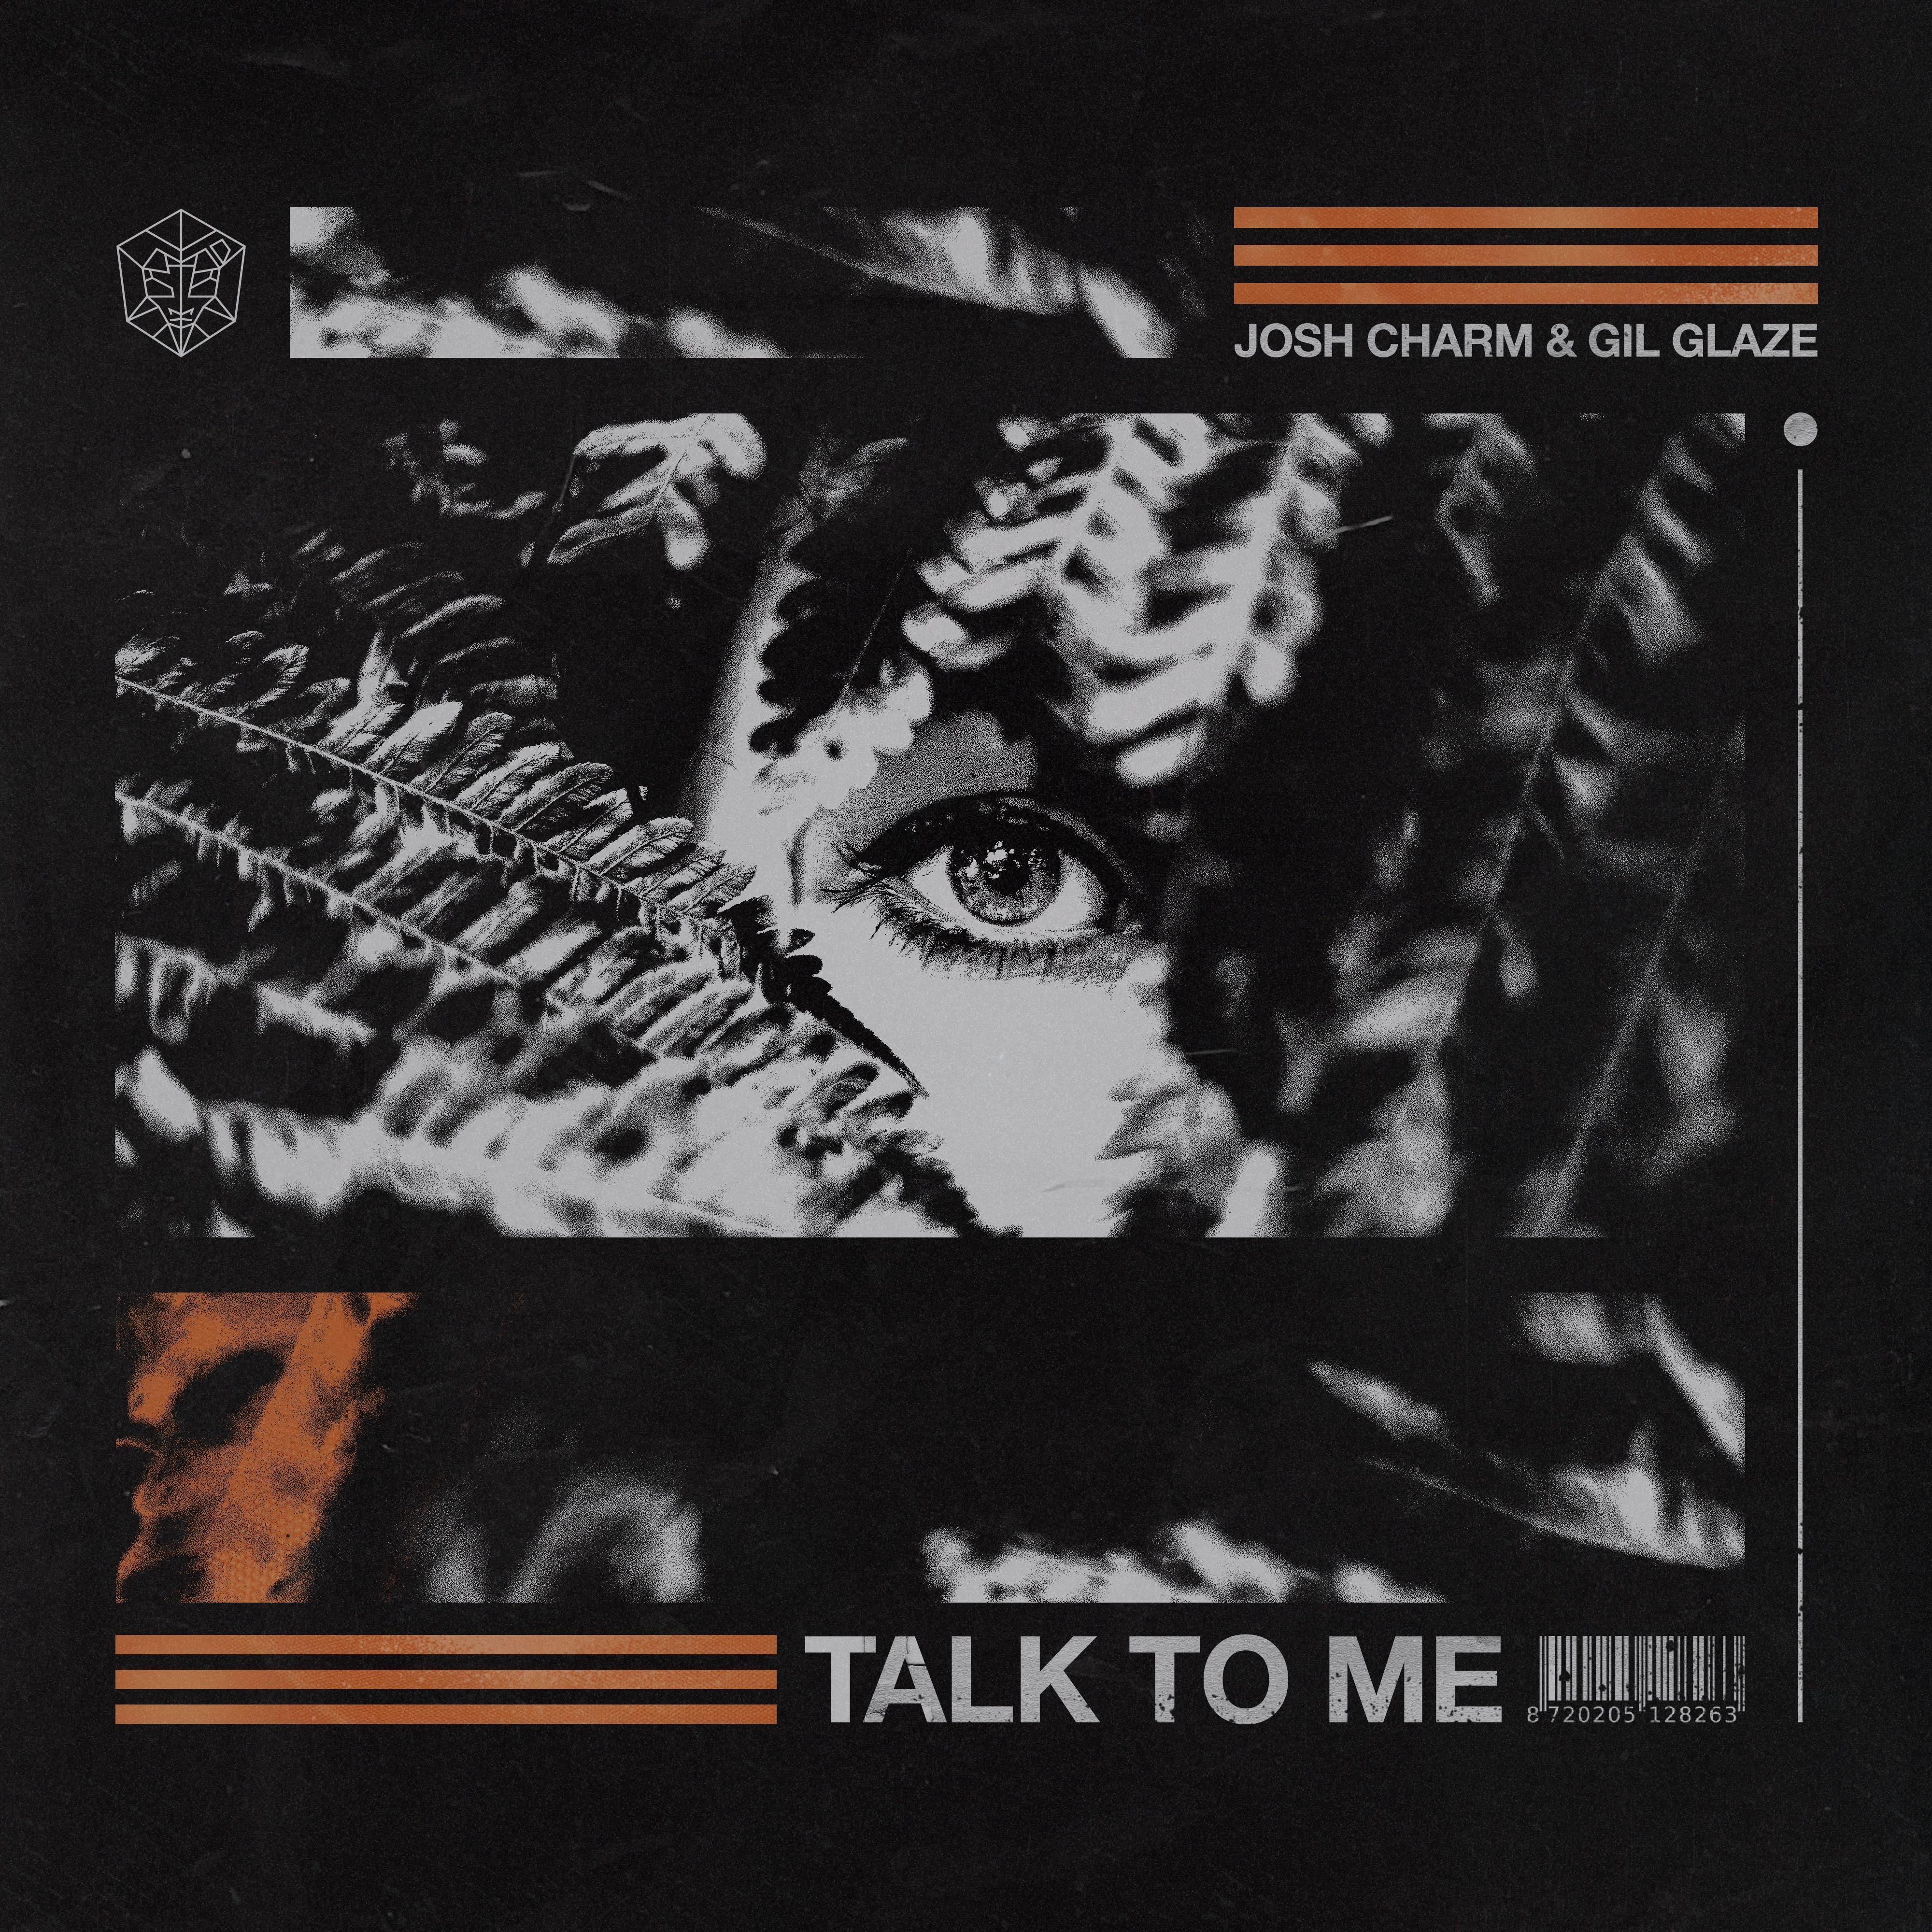 Josh Charm & Gil Glaze - Talk To Me